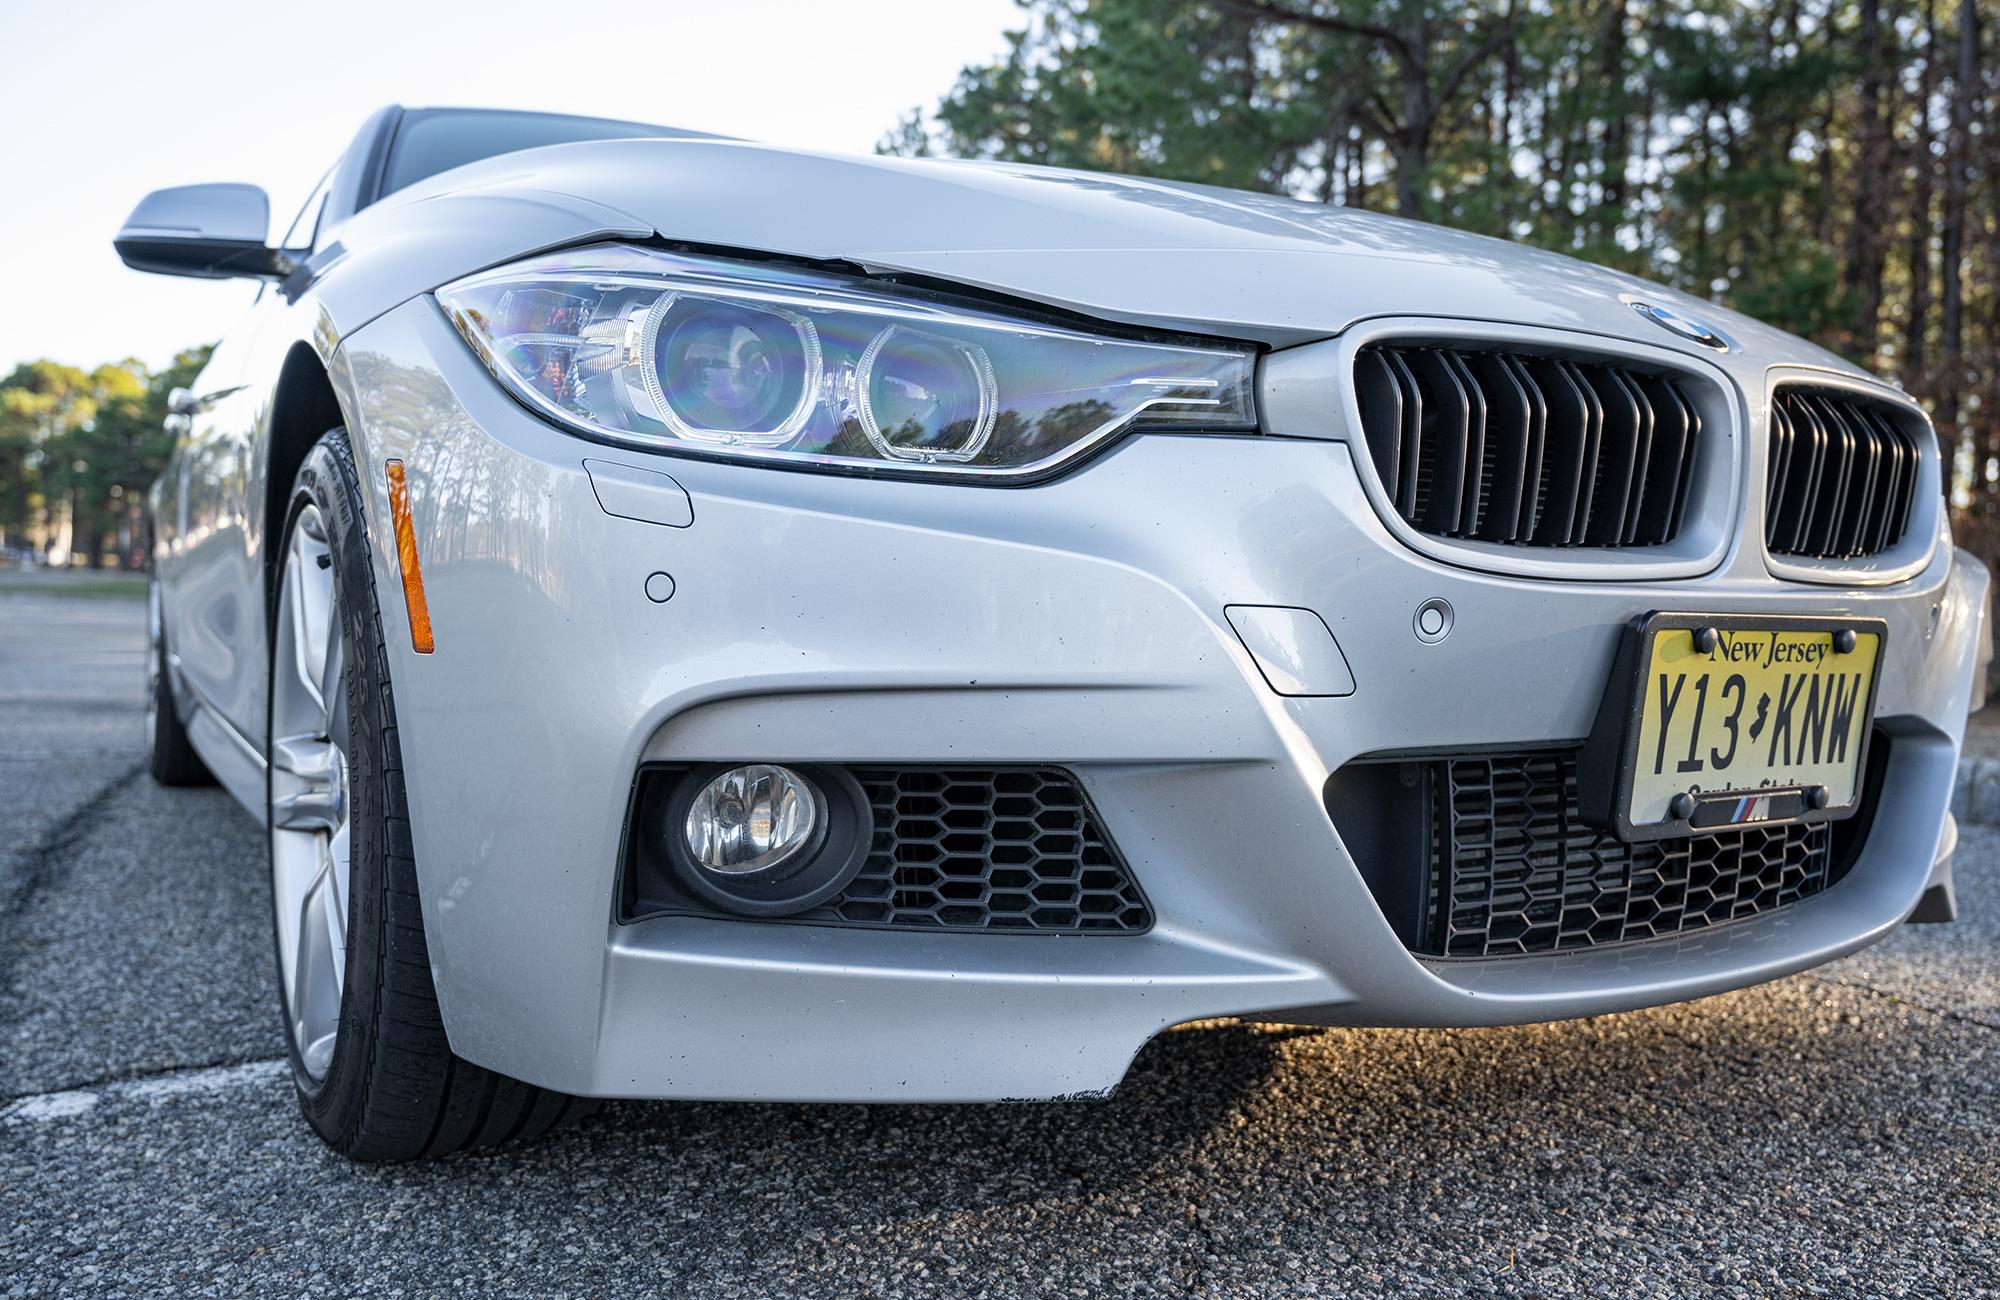 BMW 335i front end